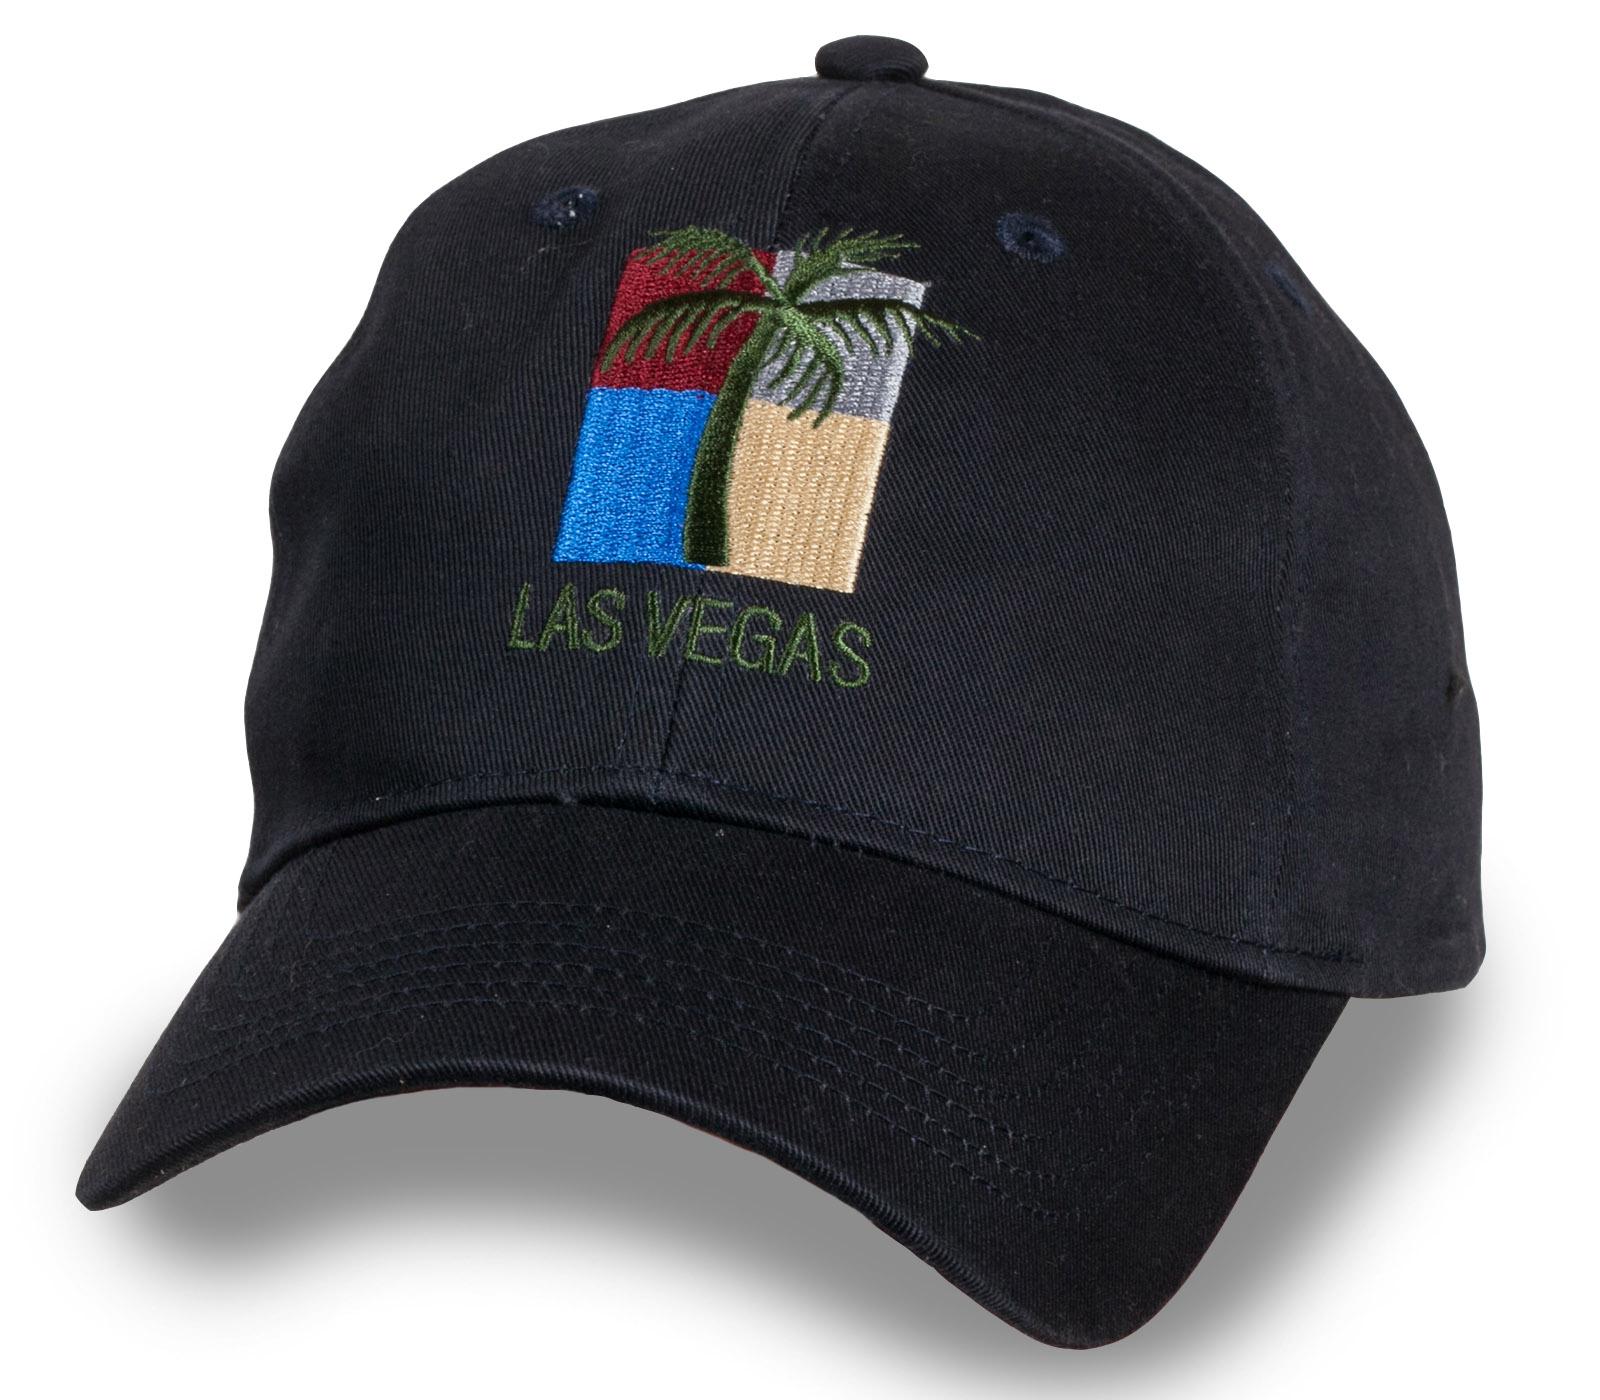 Летняя черная бейсболка Las Vegas